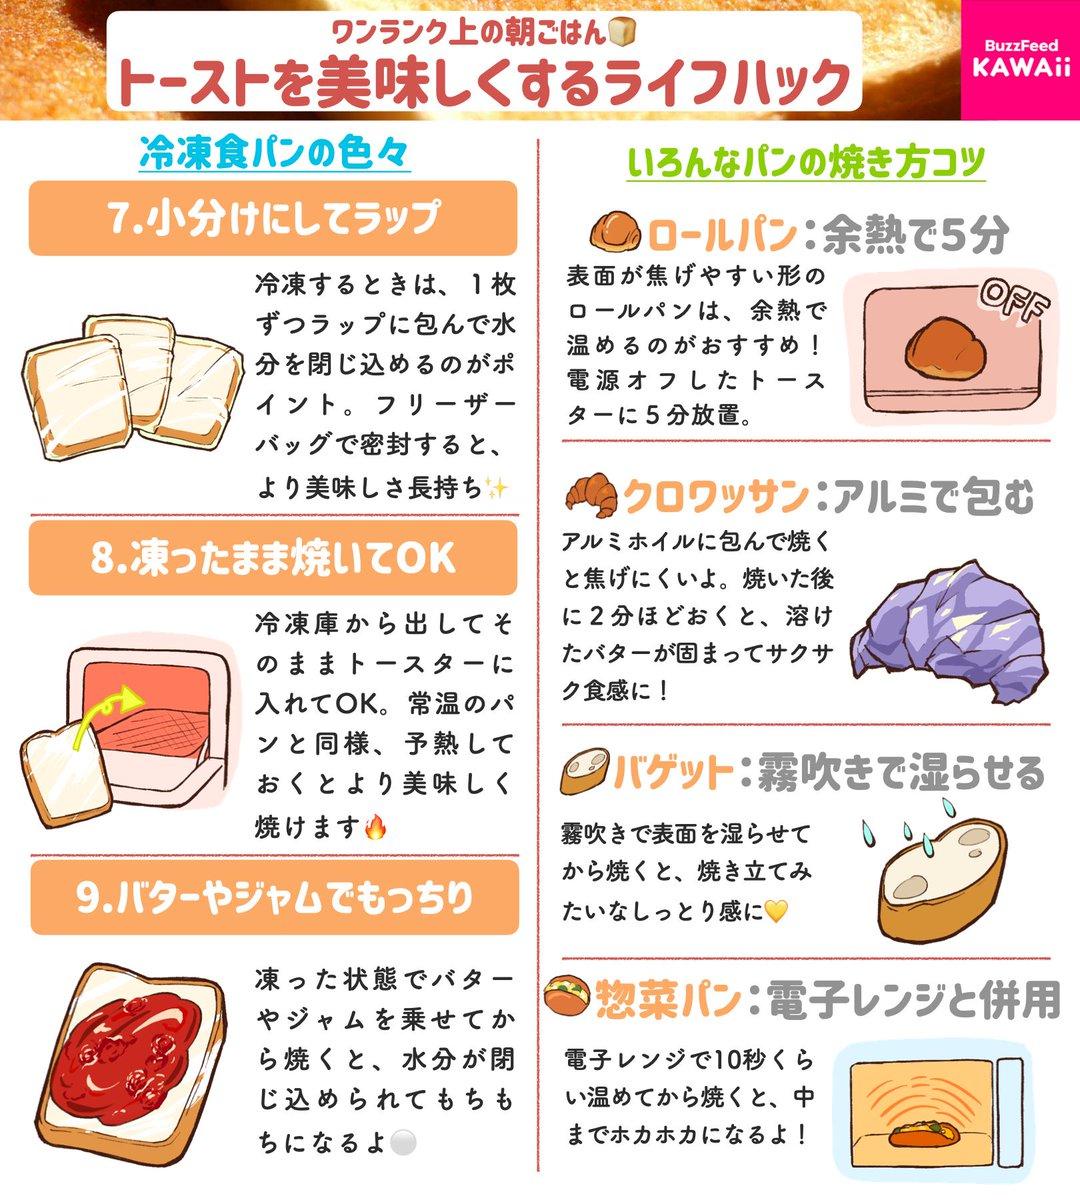 トースターで食パンを焼くときの小技をまとめました🍞